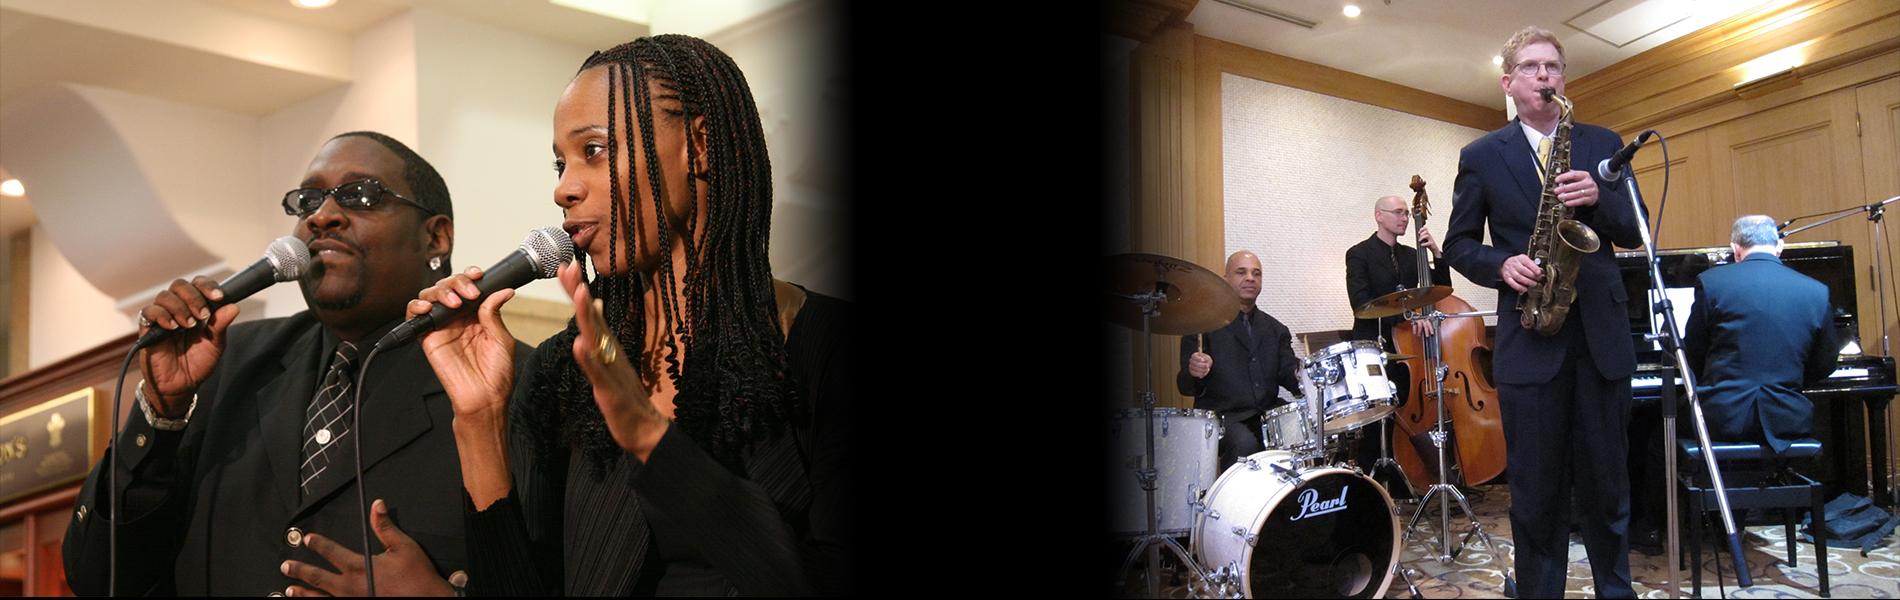 黒人シンガー・ジャズバンドの生演奏